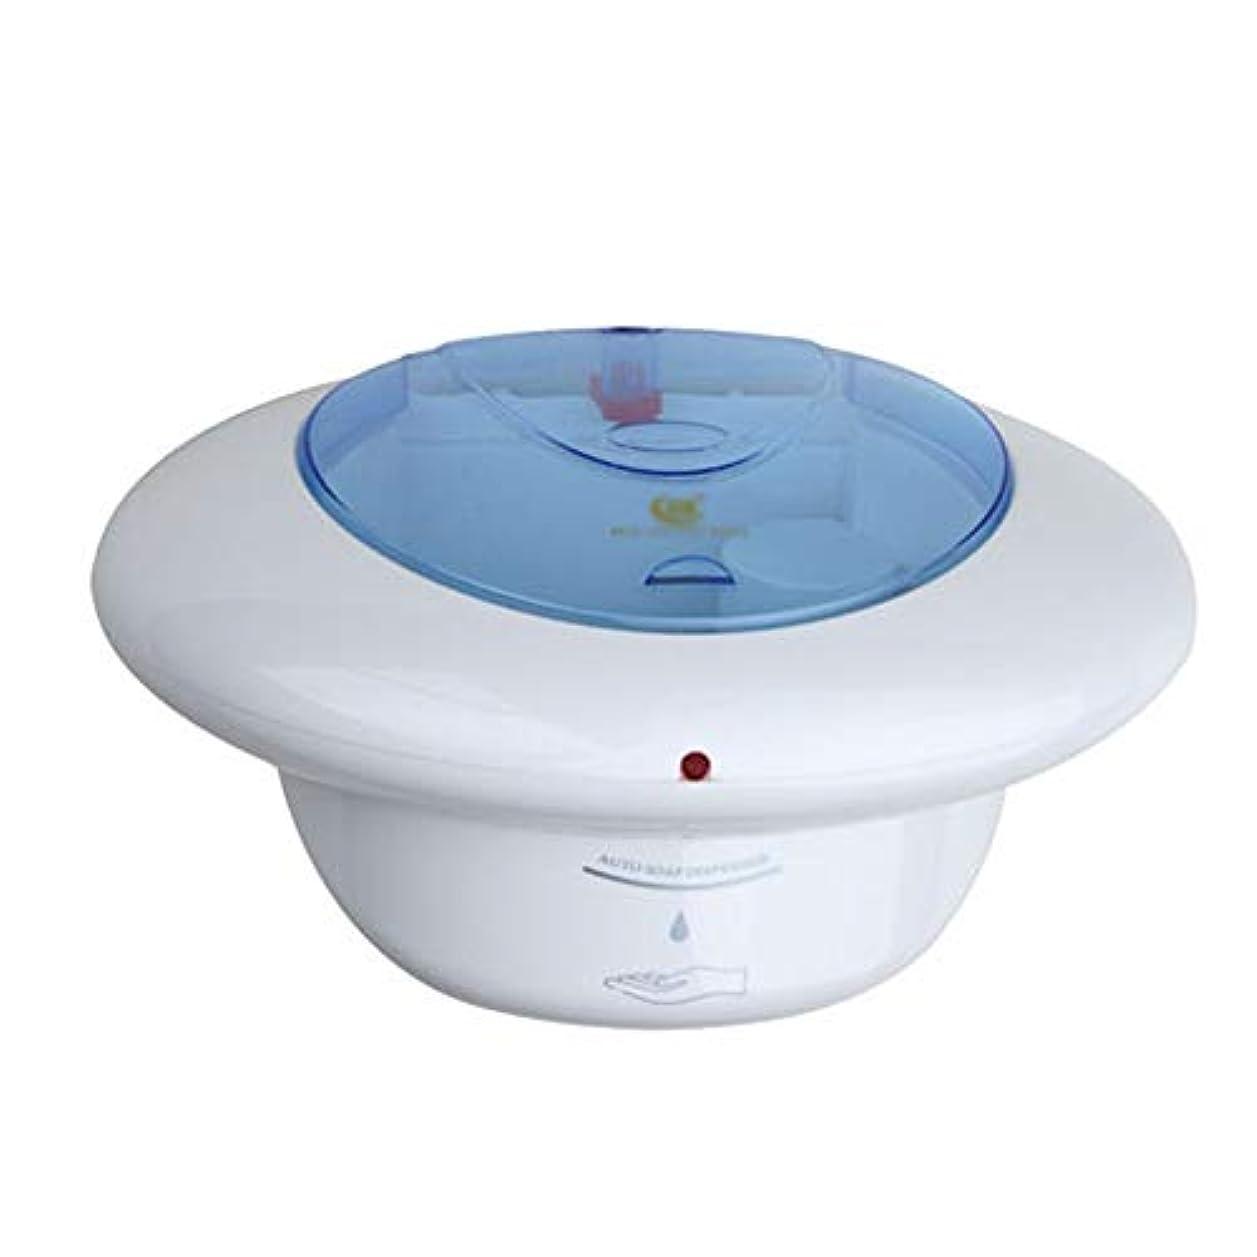 寄生虫ビル壮大なソープディスペンサー 700mlの容量赤外線検出壁掛け自動ソープディスペンサー ハンドソープ 食器用洗剤 キッチン 洗面所などに適用 (Color : White, Size : One size)